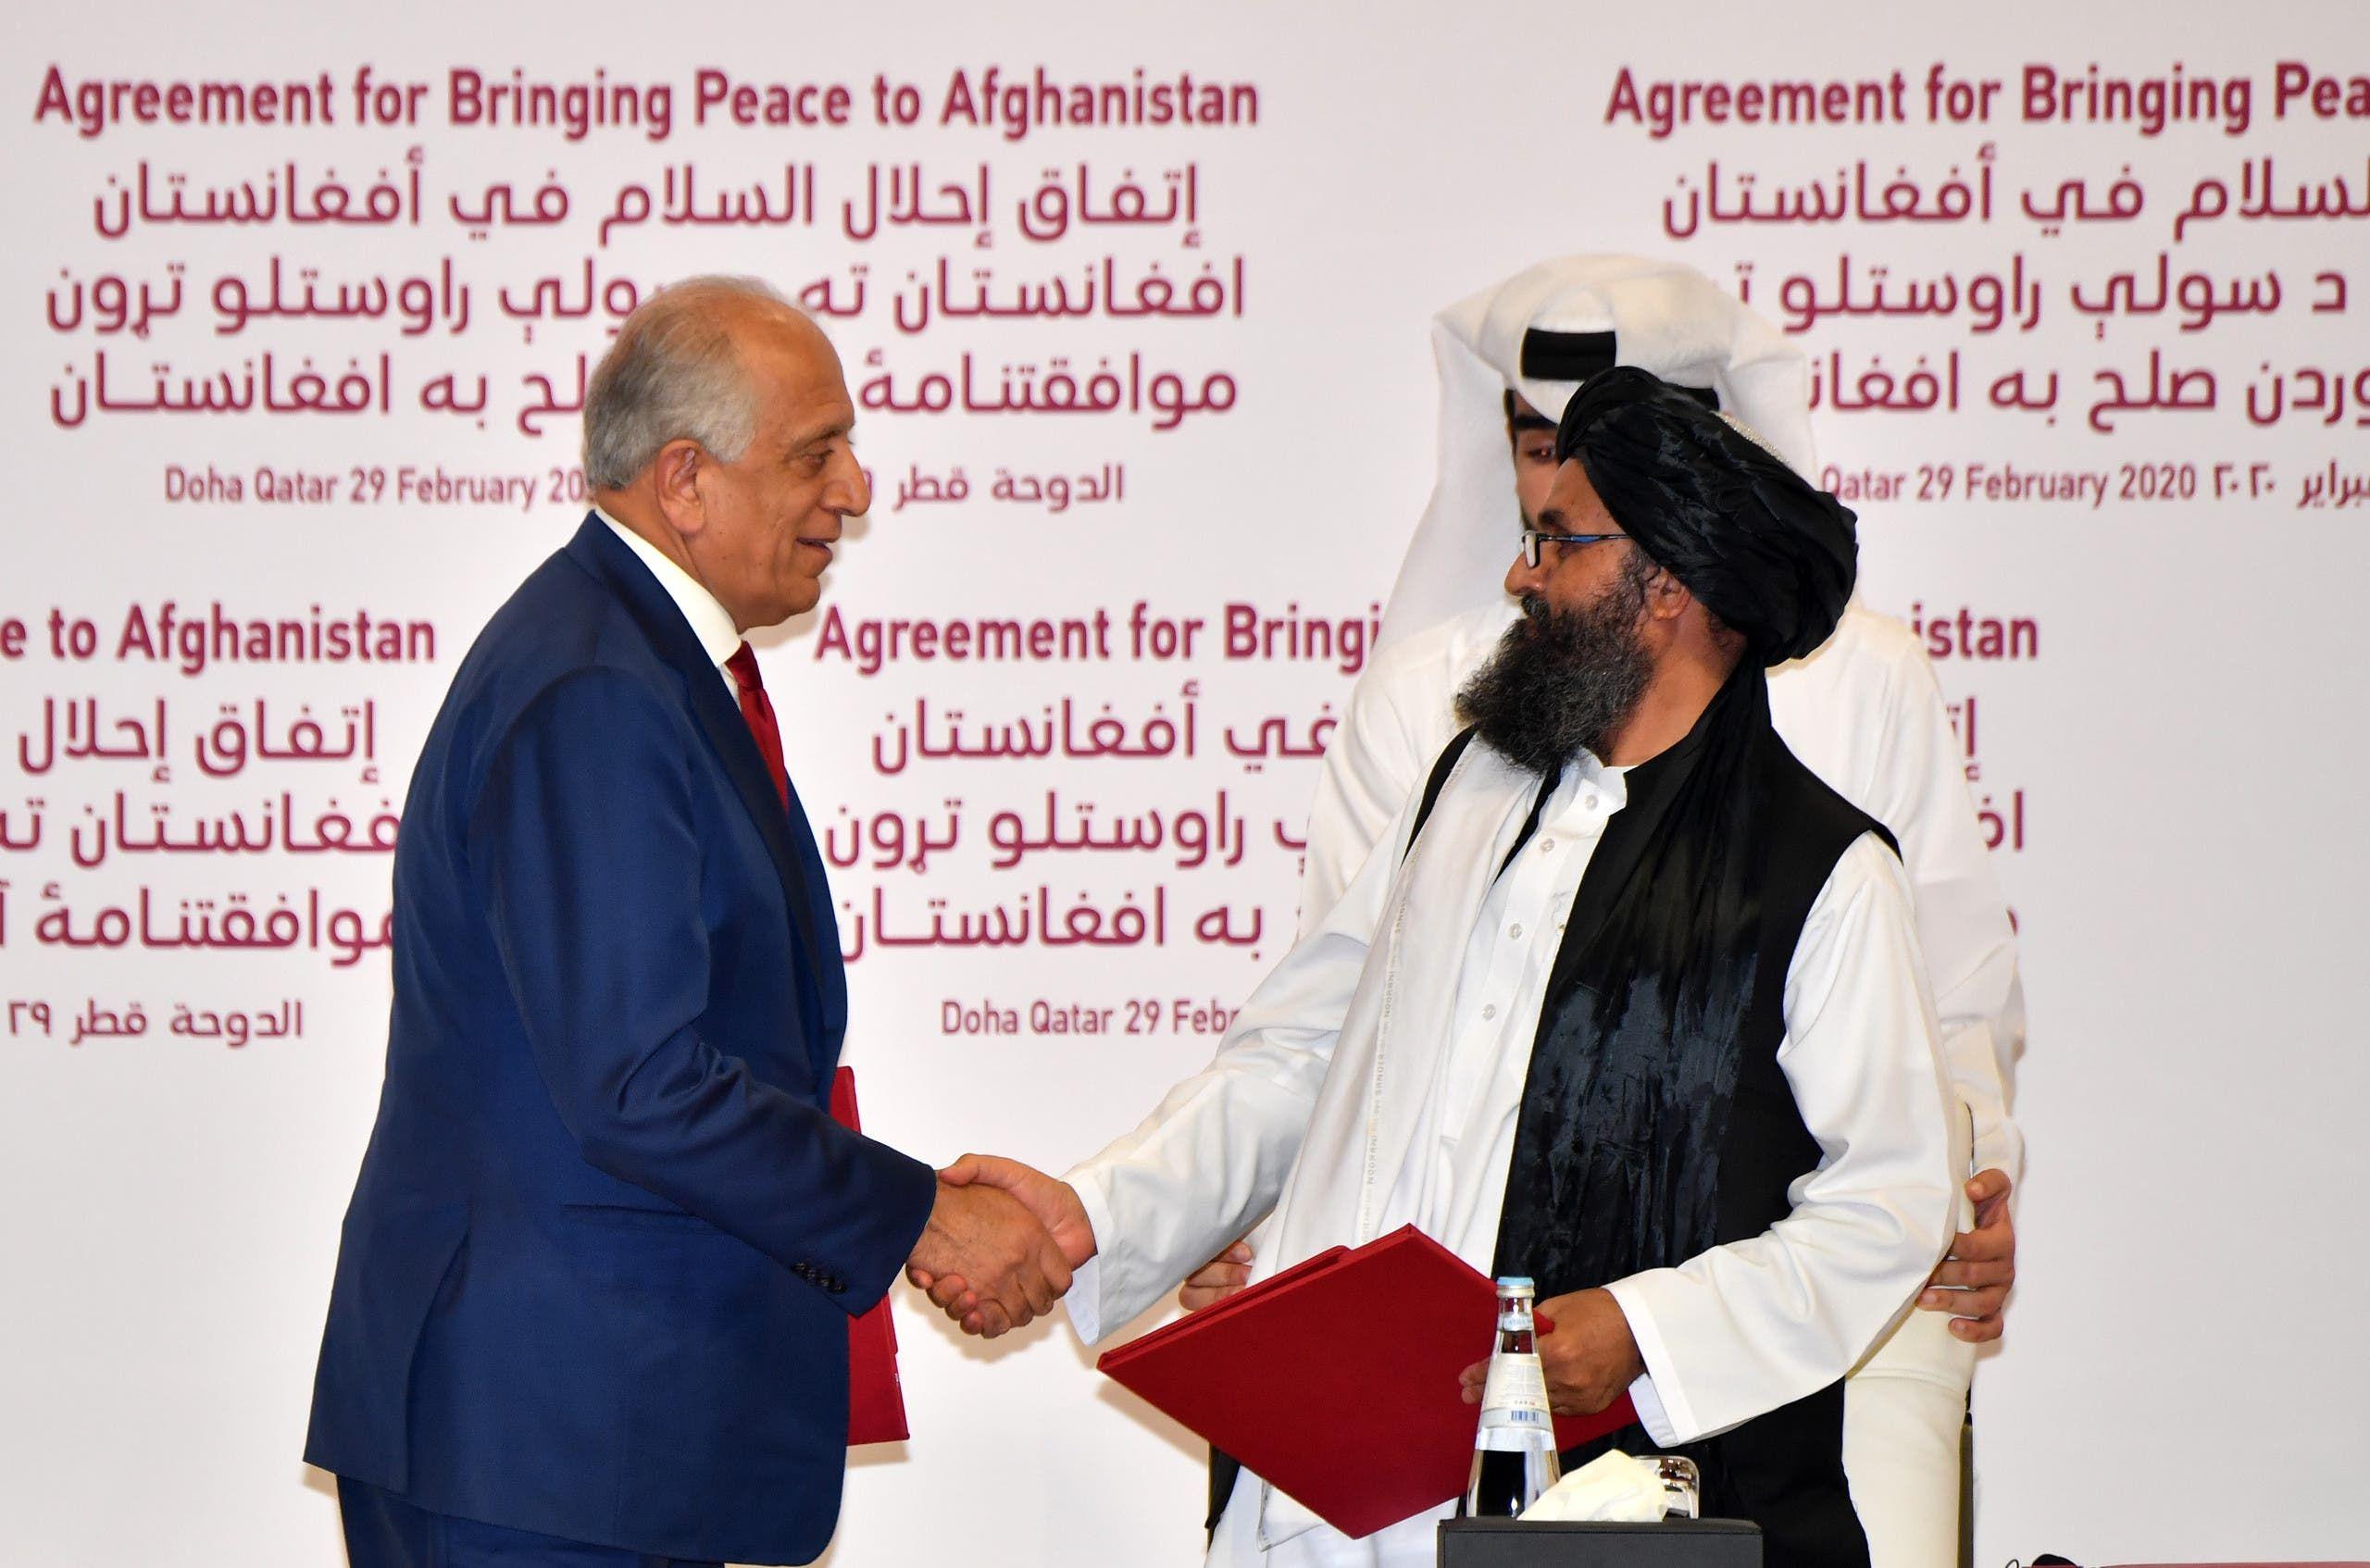 من توقيع الاتفاق في فبراير 2020 في الدوحة بين طالبان وواشنطن